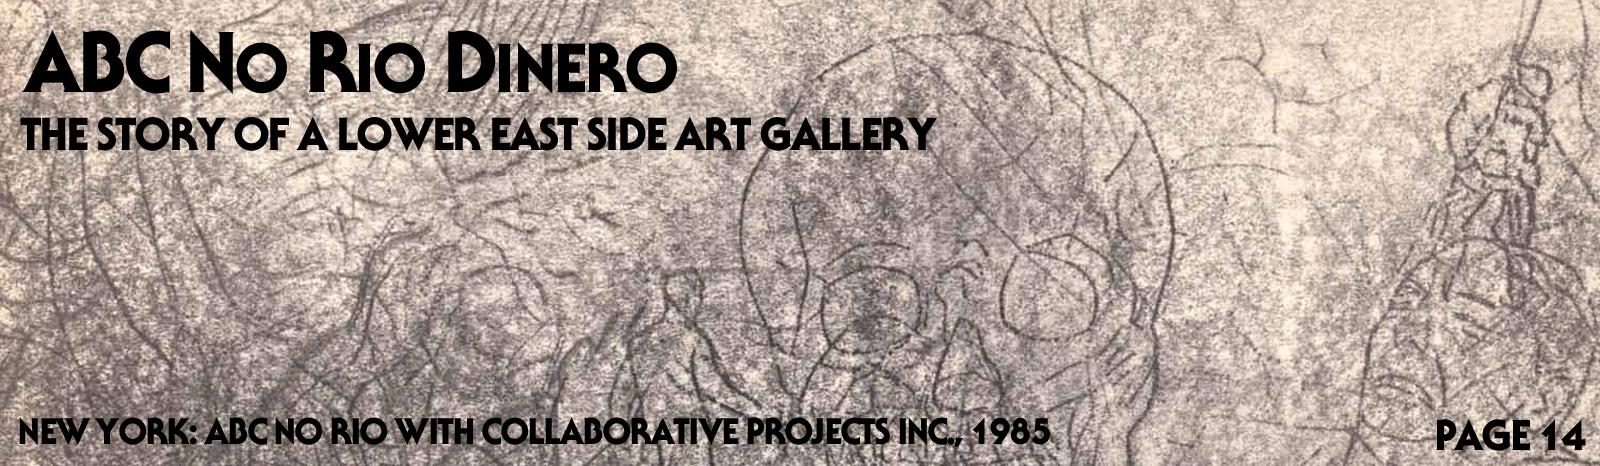 abc-no-rio-page-cover-14.jpg